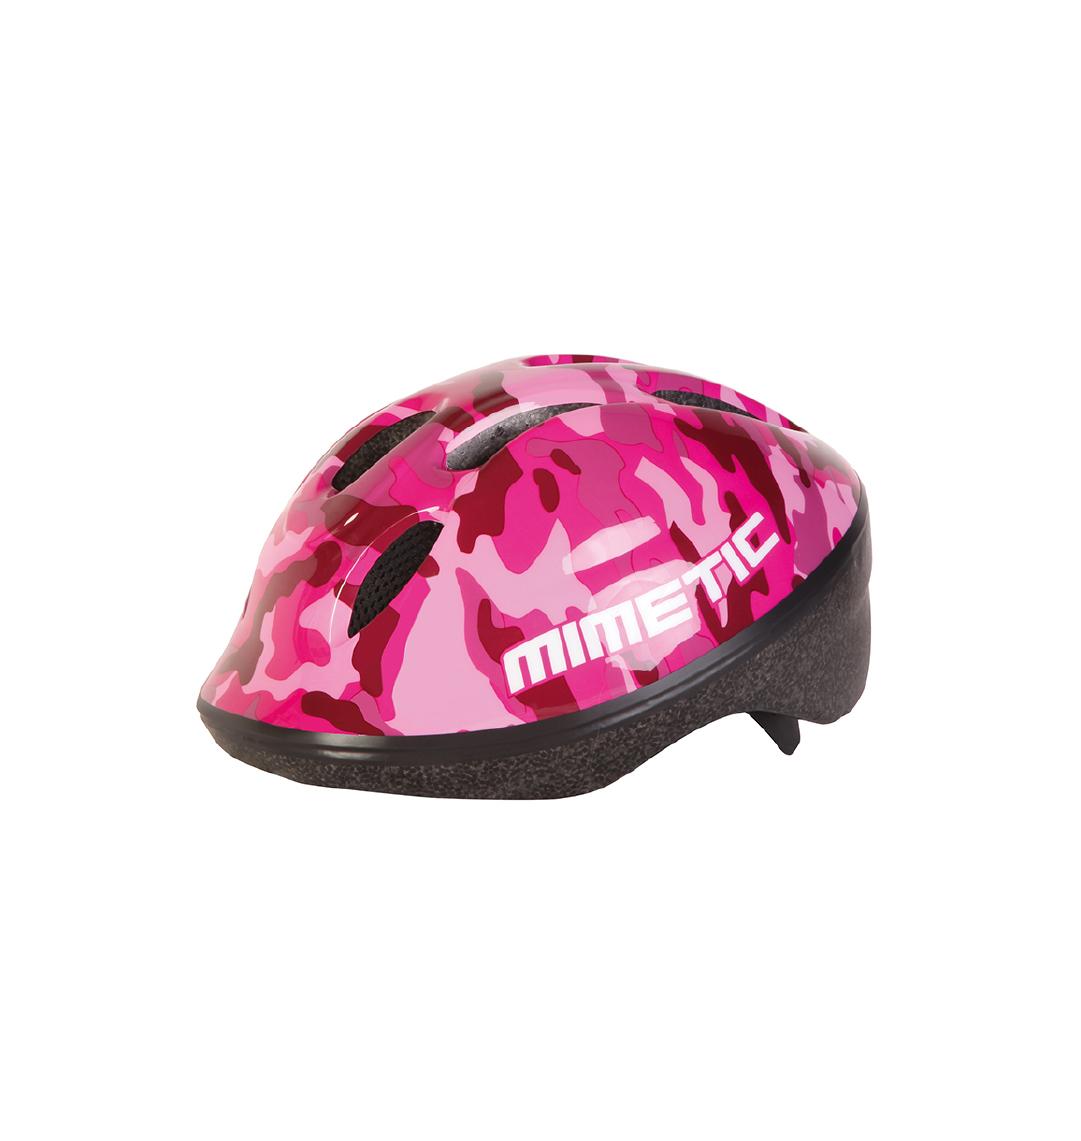 HELMET MIMETIC PINK-2